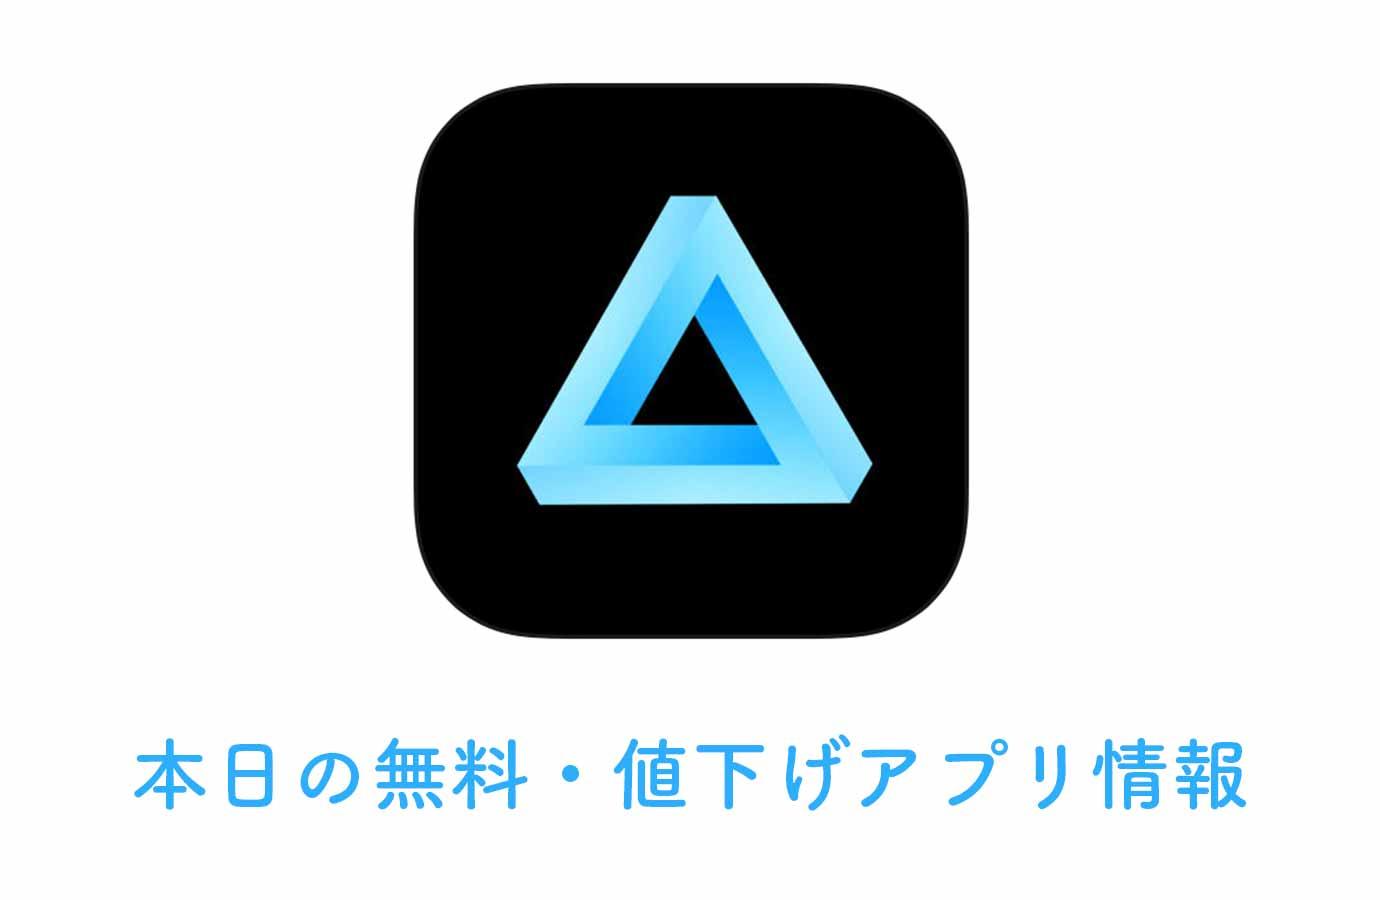 600円→無料、高品質なフィルタなどを搭載した写真編集アプリ「AURA」など【5/26】本日の無料・値下げアプリ情報